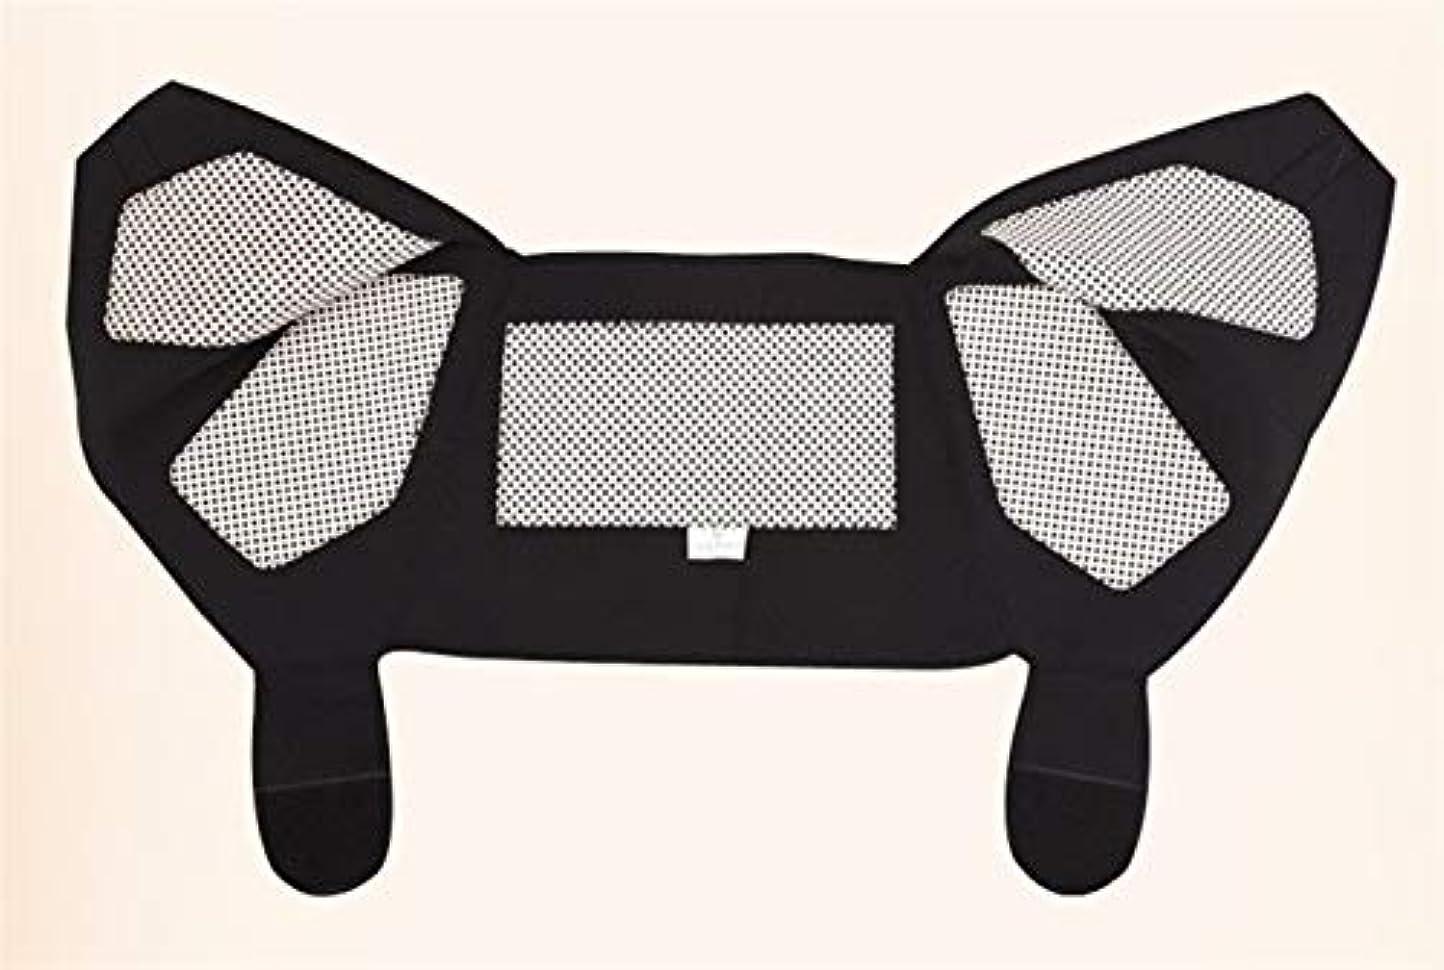 Lucy Day 自己発熱ショルダーパッド健康ショルダーパッドトルマリン自己発熱ウォームショルダーパッド (色 : ブラック, Size : M)